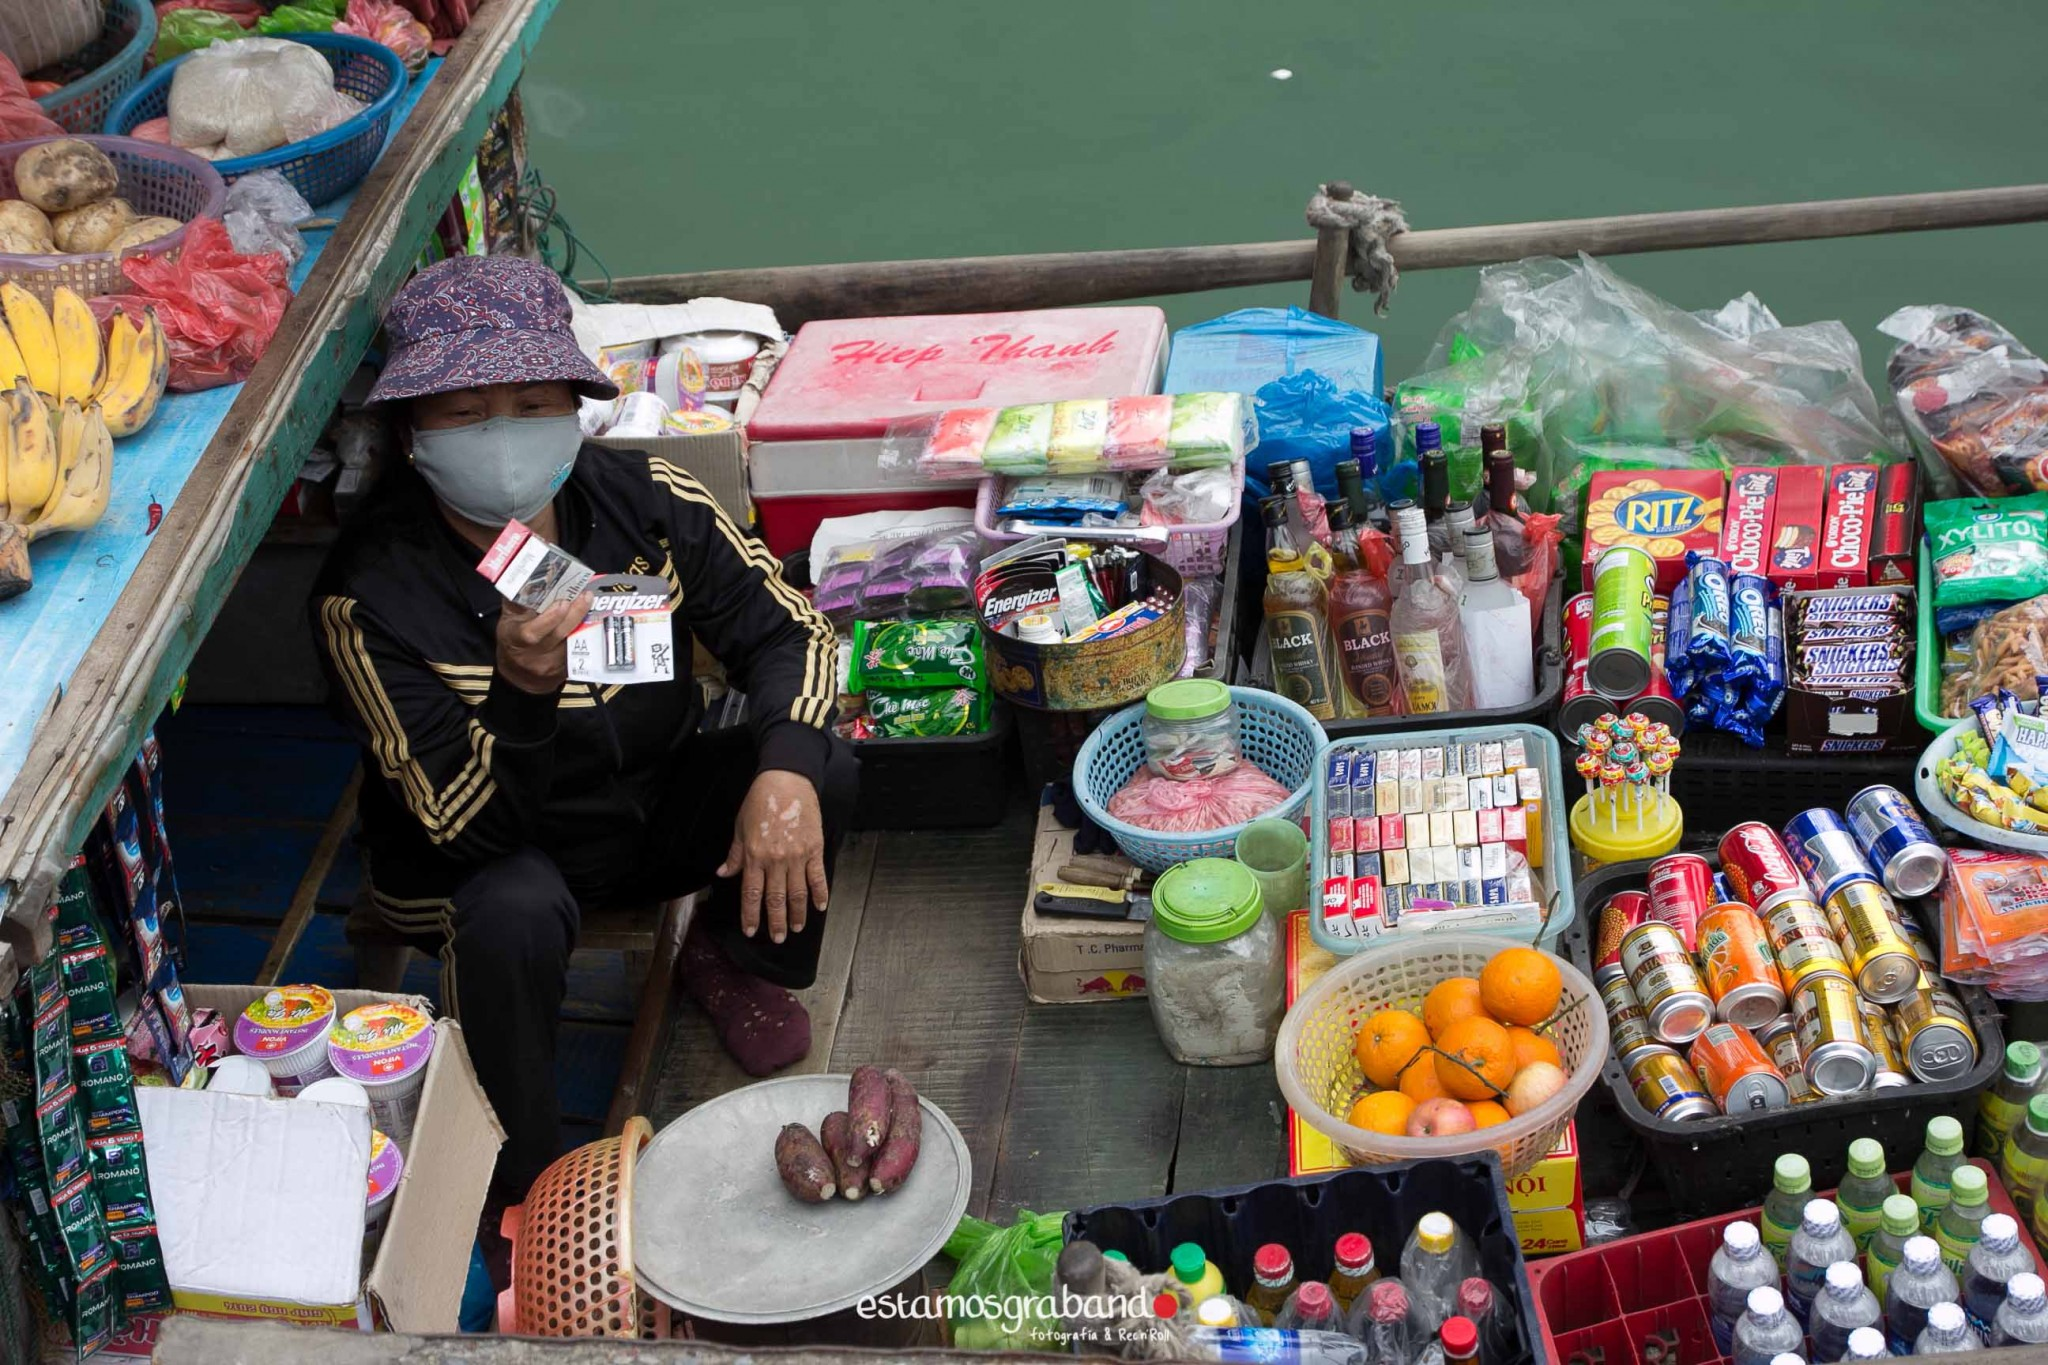 reportaje-vietnam_fotograficc81a-vietnam_estamosgrabando-vietnam_rutasvietnam_reportaje-retratos-fotos-vietnam_fotografia-vietnam_reportaje-estamosgrabando-fotograficc81a-vietnam-55 Pequeños grandes recuerdos de Vietnam en 100 imágenes - video boda cadiz